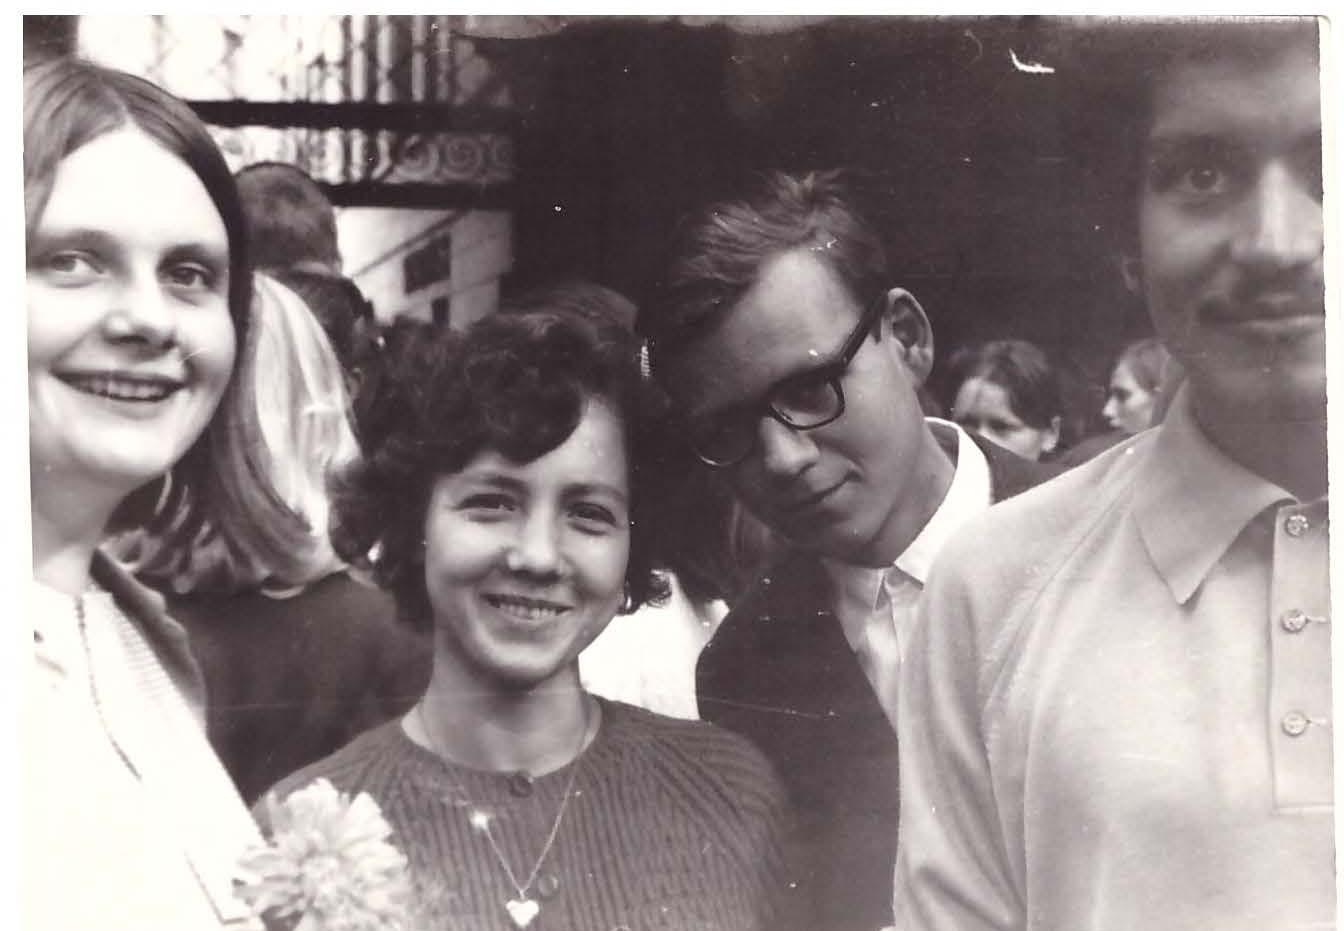 Rugsėjo 1-oji. Iš kairės: Rima Jakutytė, Dalia A. Mieliauskaitė, Romanas Zakševskis, Arūnas Sverdiolas.   Nuotr. iš asmeninio archyvo